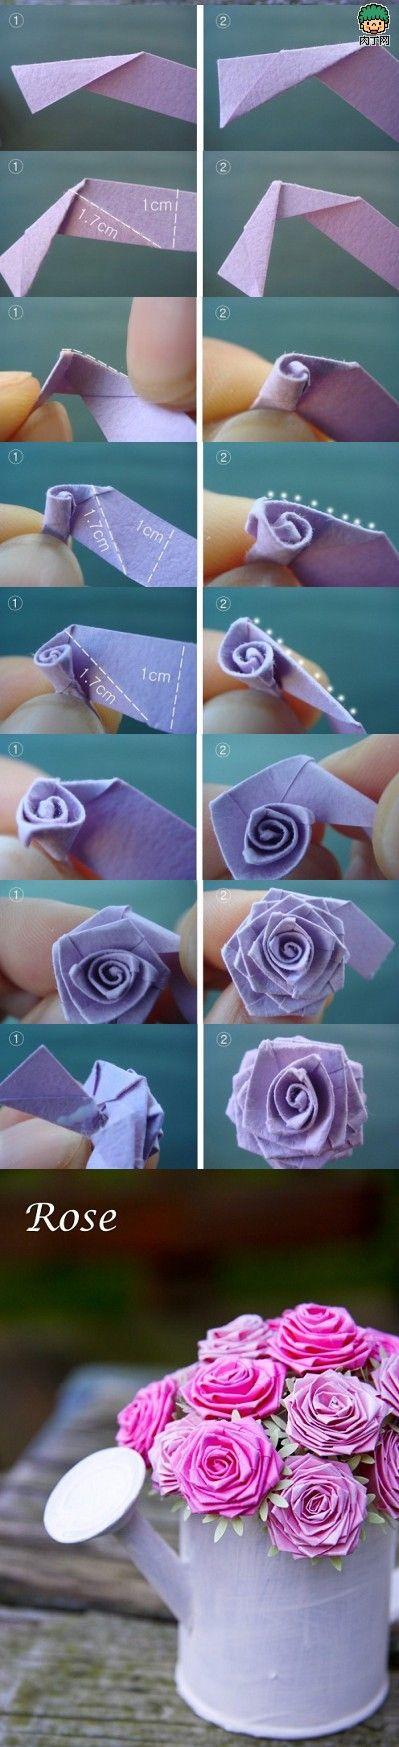 DIY Anleitung für eine Rose aus einem Streifen Papier. Ich kenne diese Technik bereits - sie ist sehr einfach und kann auch mit Bändchen gemacht werden.